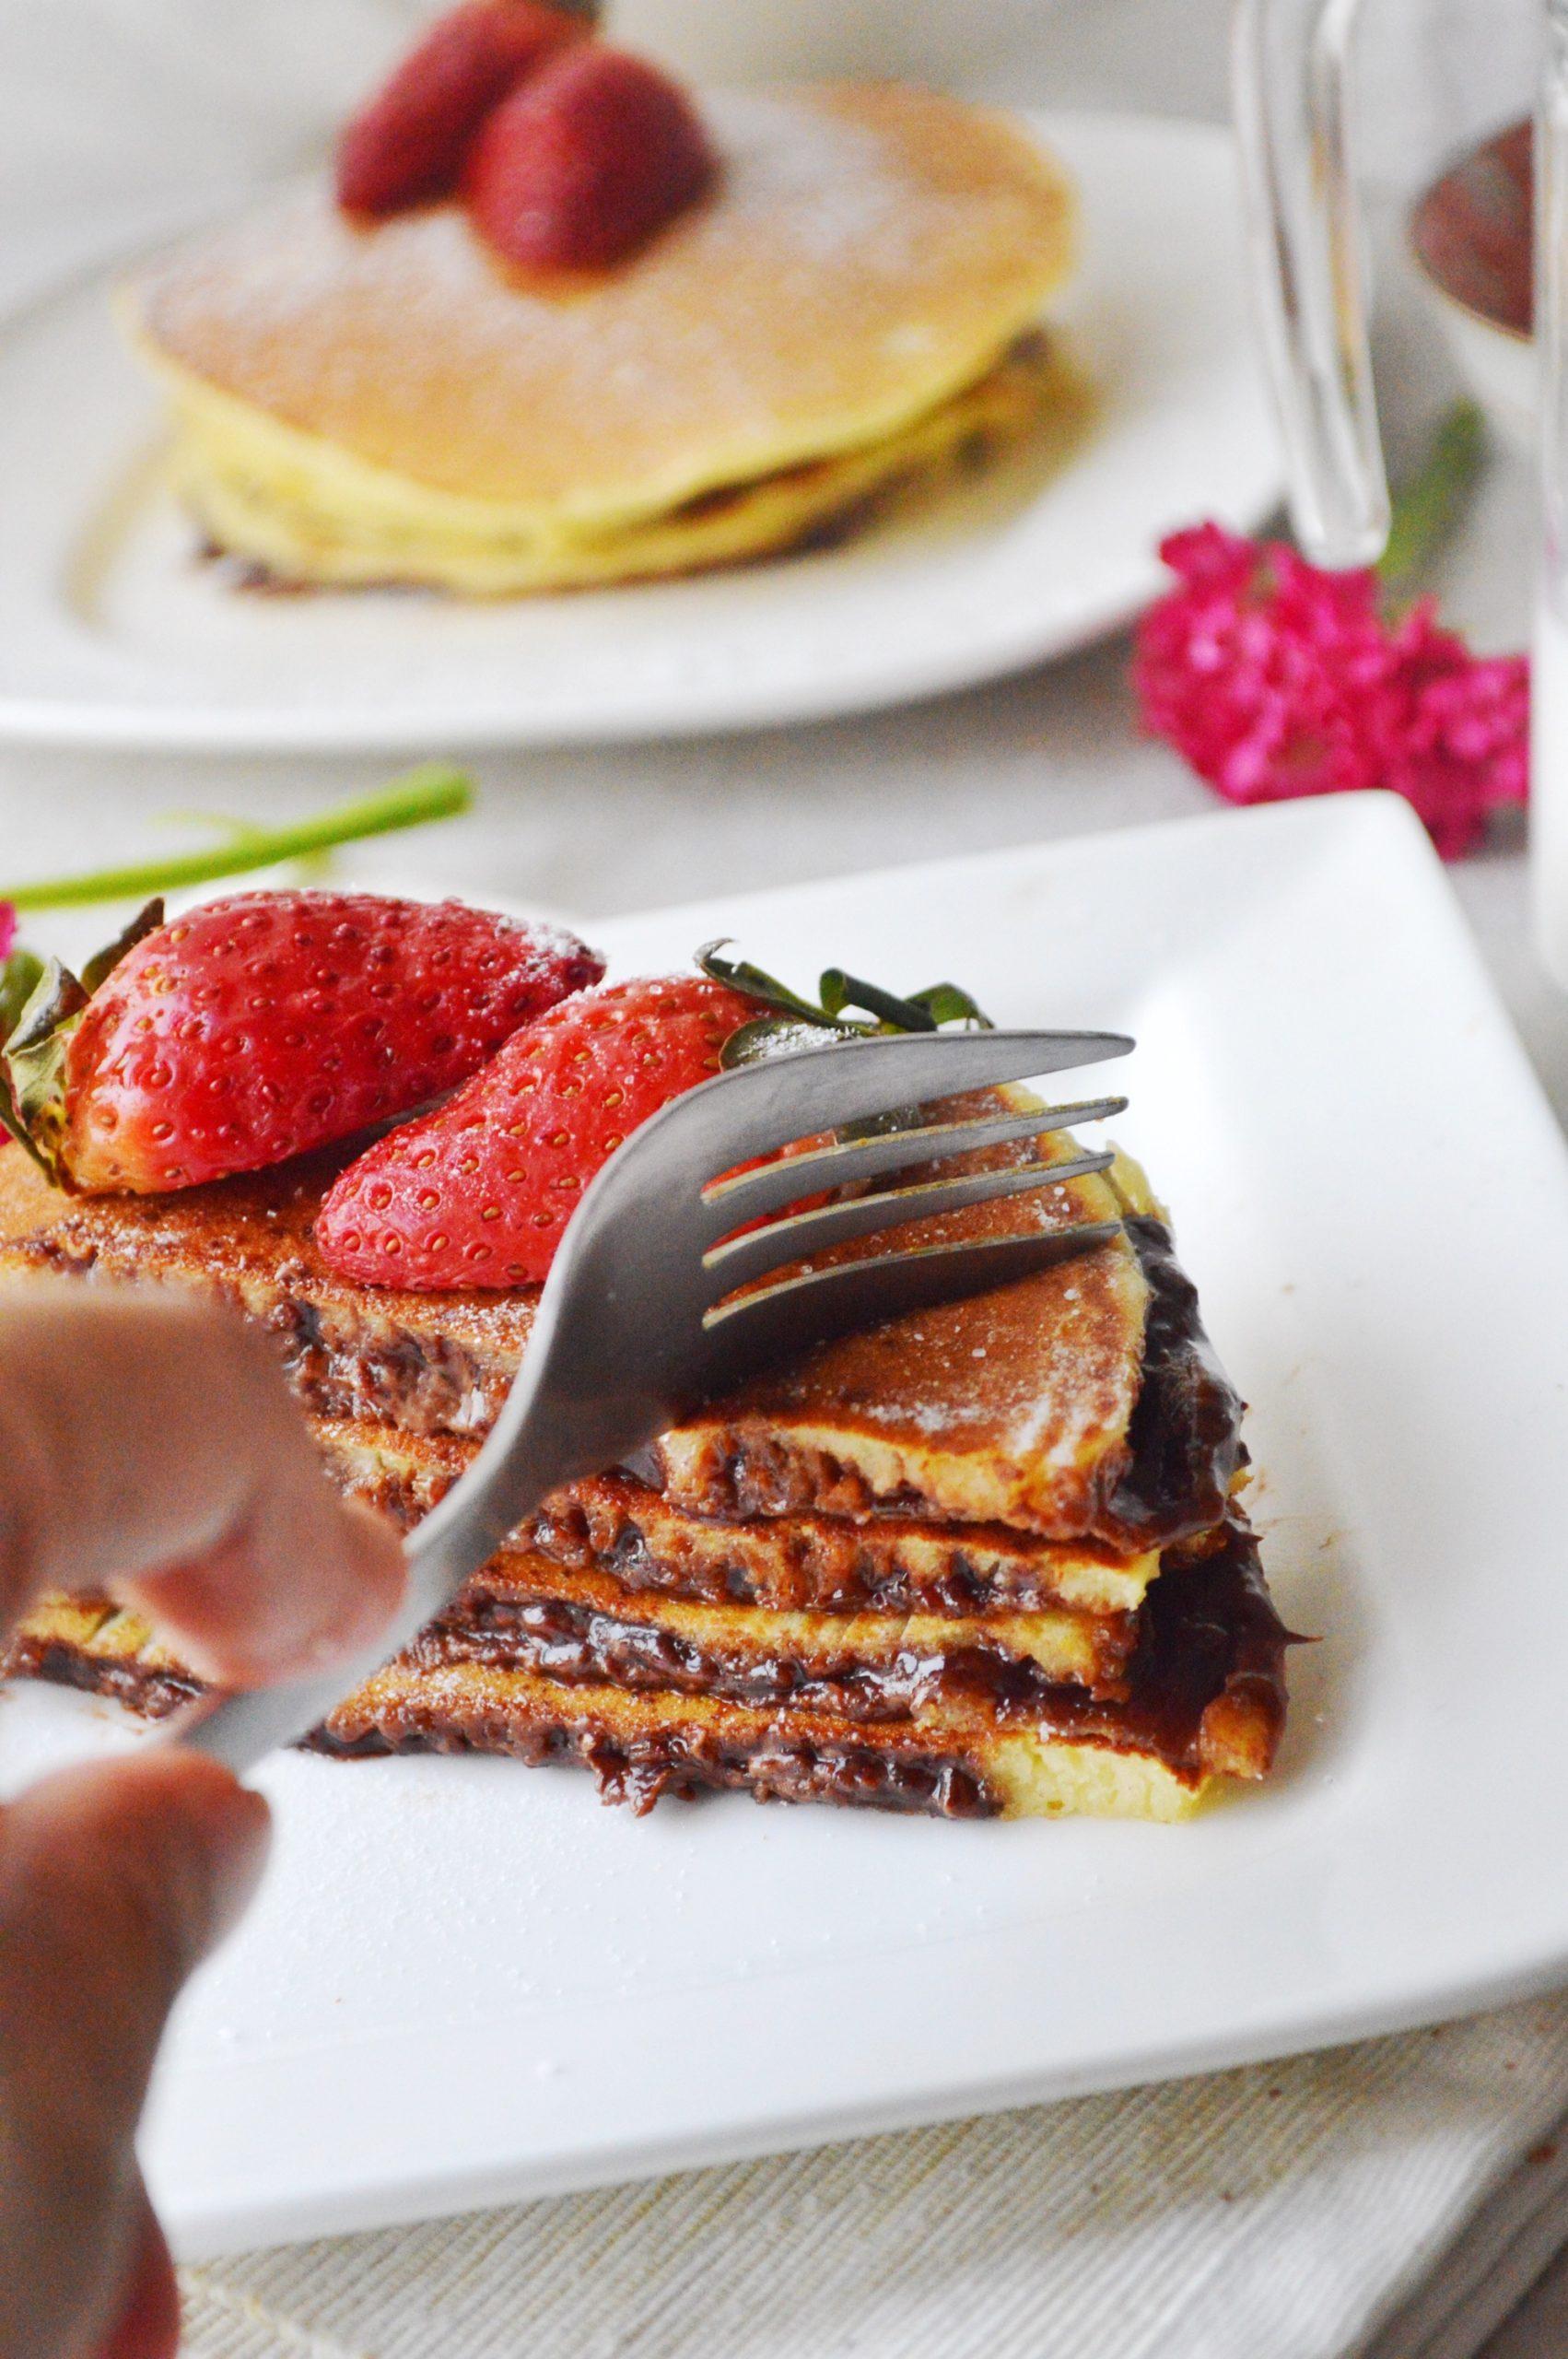 Nutella Stuffed Pancakes - Savory&SweetFood